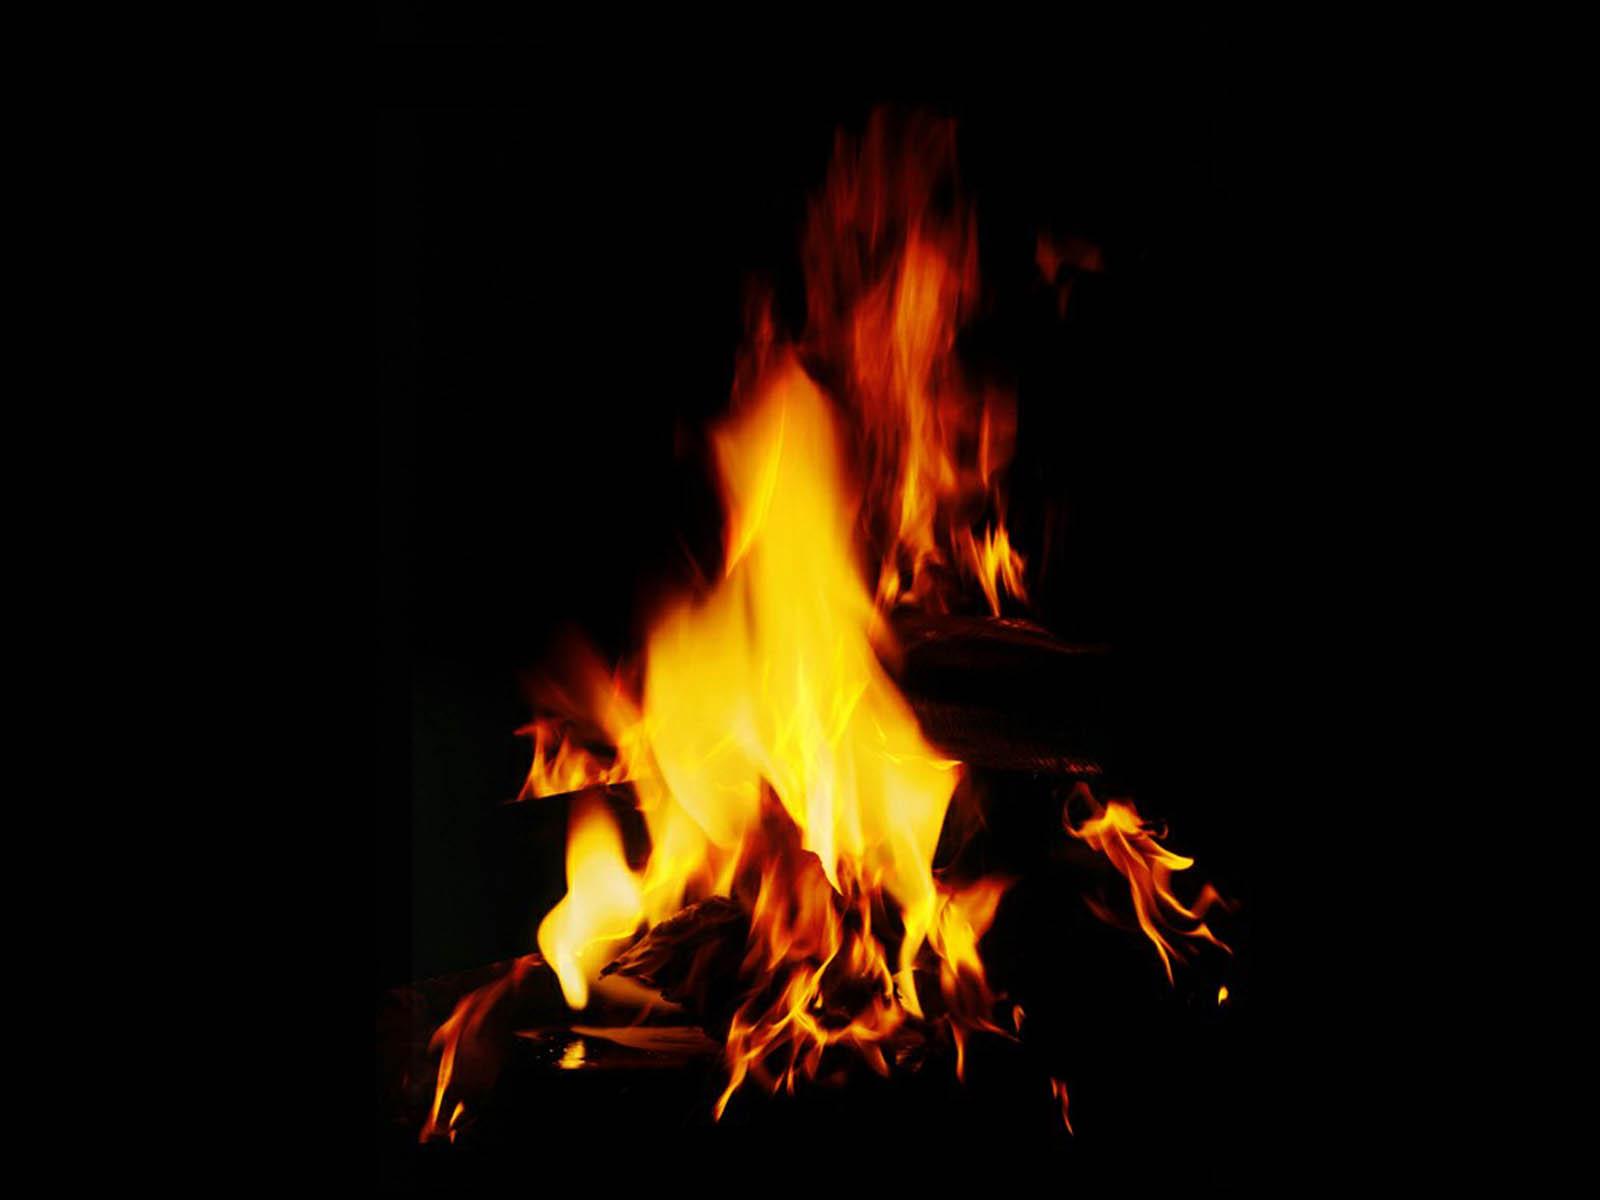 http://1.bp.blogspot.com/-KNdmYOb0Dmo/UFCpgfRun3I/AAAAAAAAJwA/DTaCsxchfxQ/s1600/Fire+Wallpapers+5.jpg